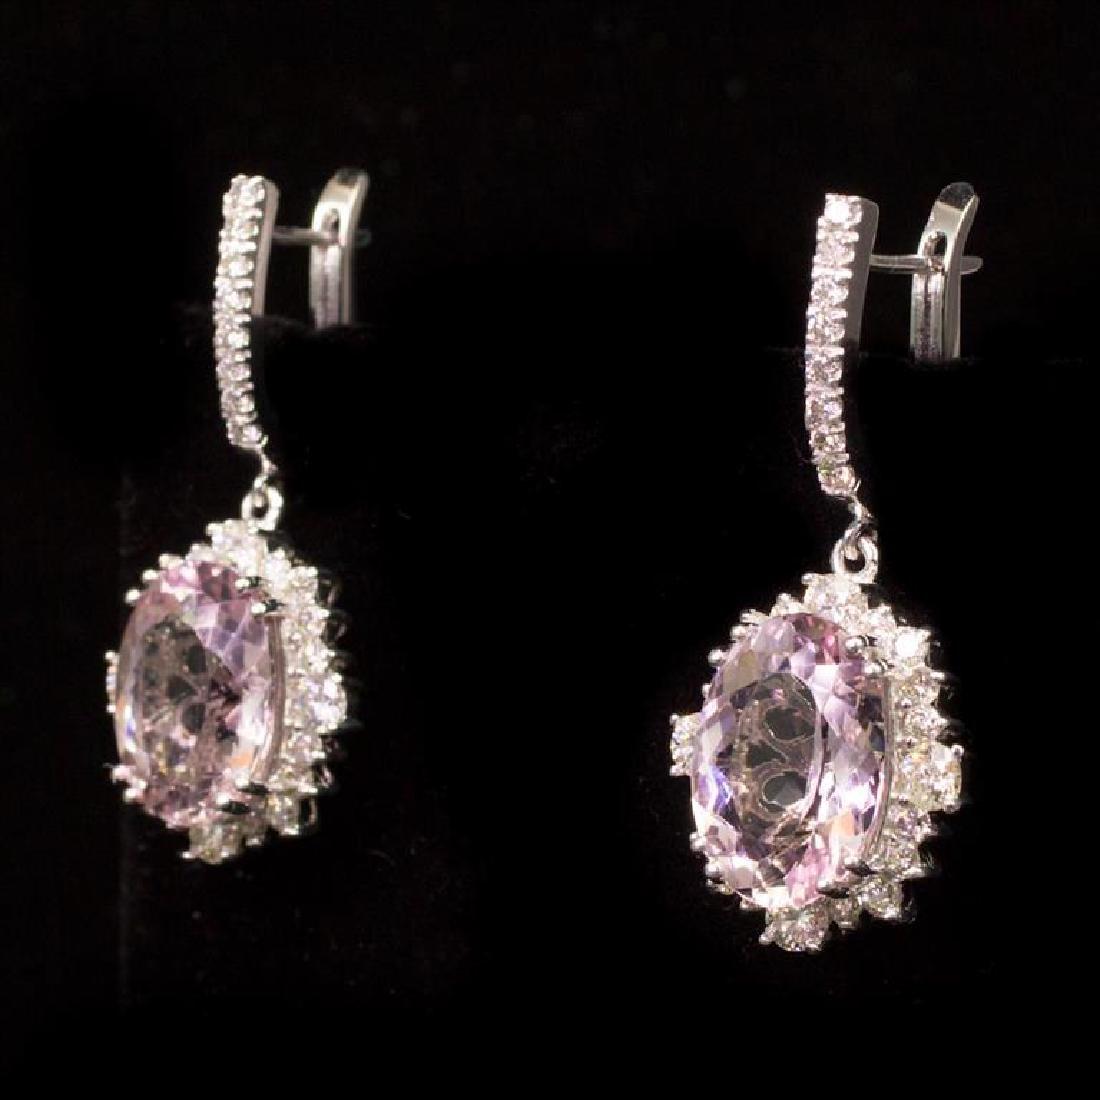 14K Gold 8.95ct Morganite 2.65ct Diamond Earrings - 2